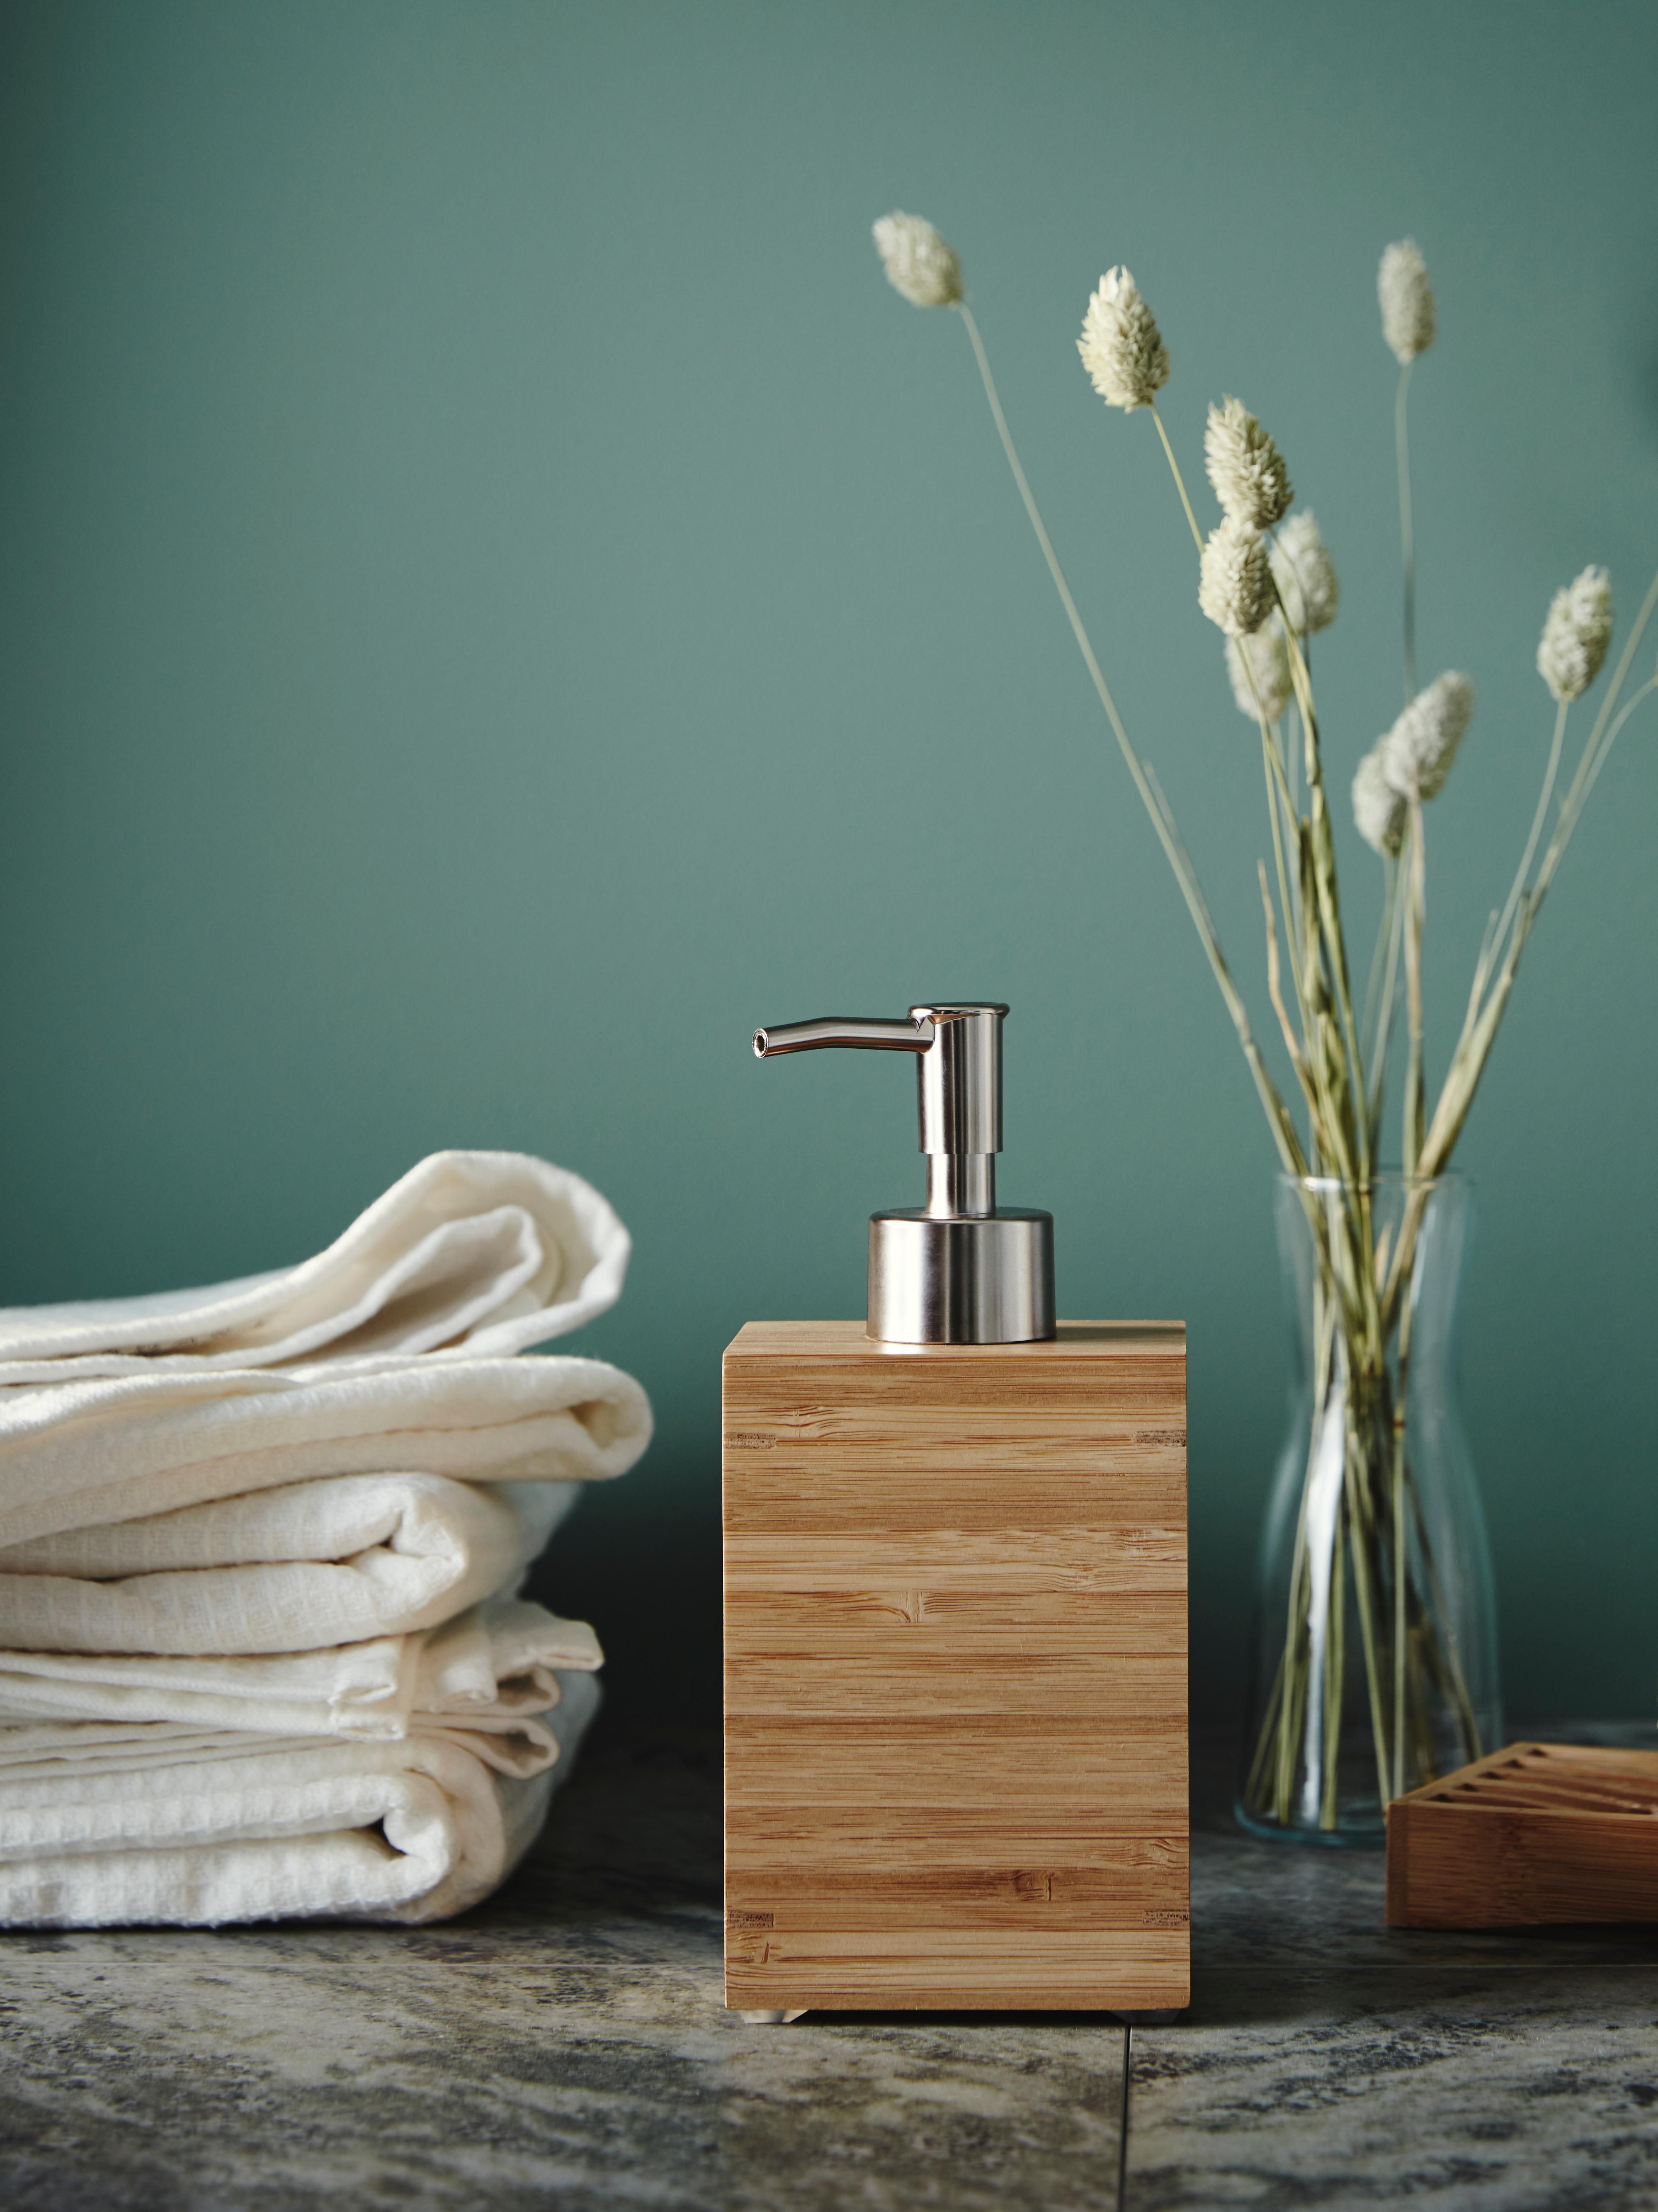 Dispenser per sapone DRAGAN rettangolare in bambù con portasapone coordinato e vaso di fiori essiccati su una superficie piastrellata - IKEA